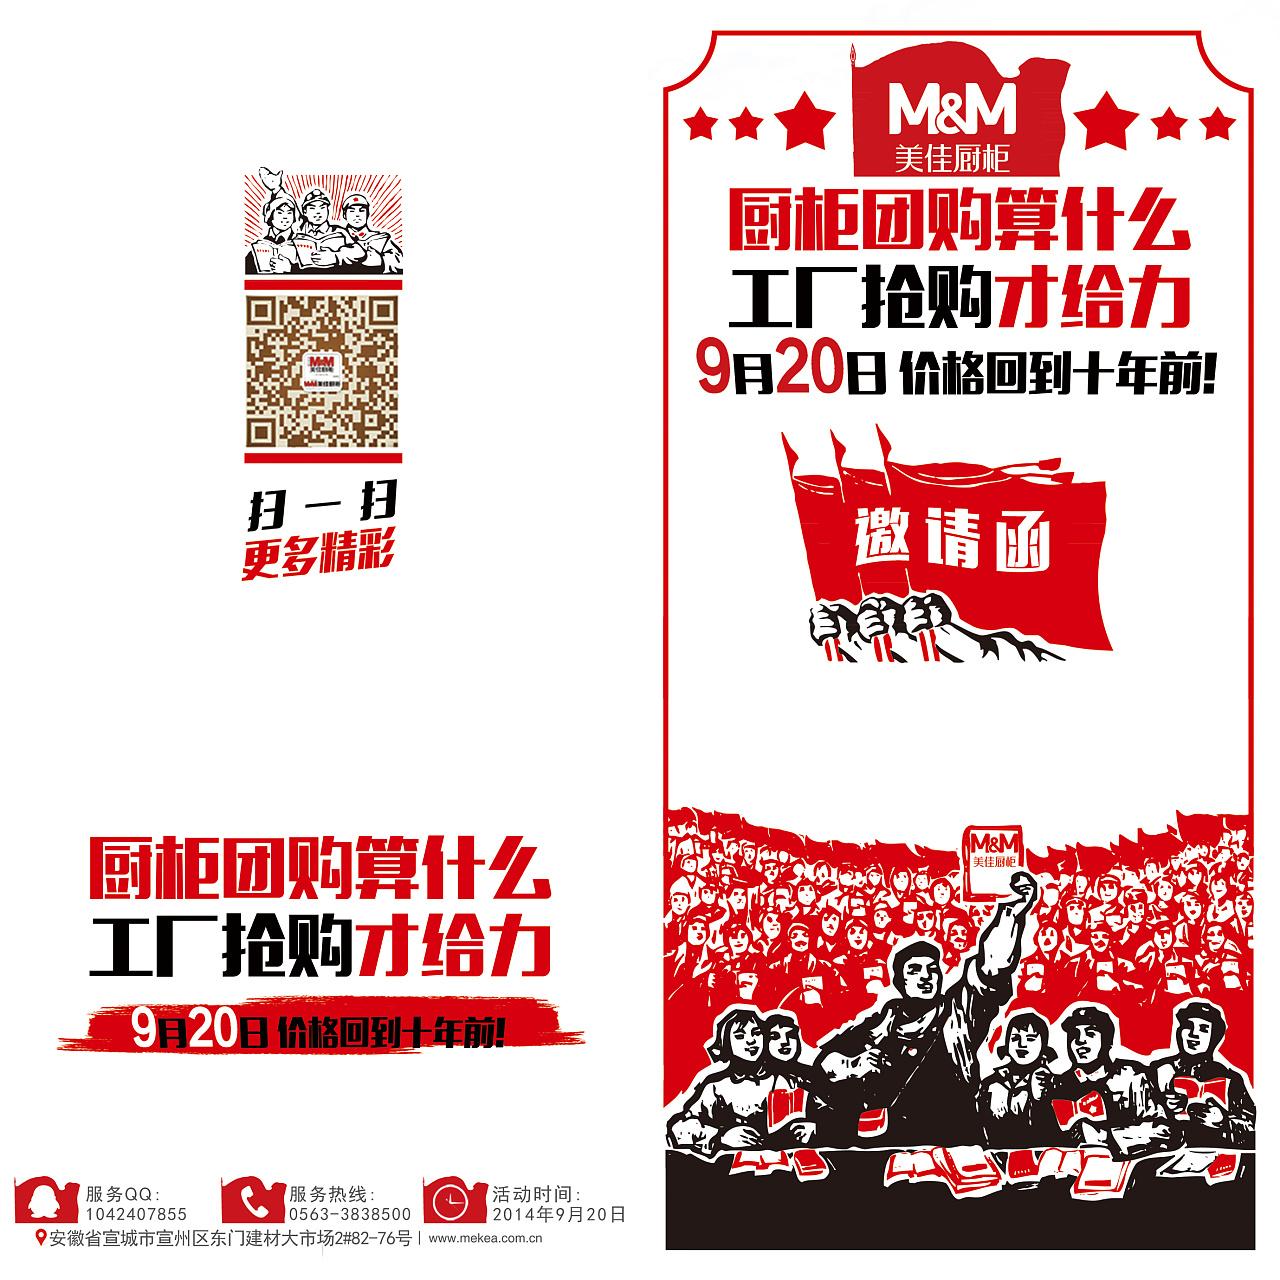 大字报革命邀请函正反面设计图片